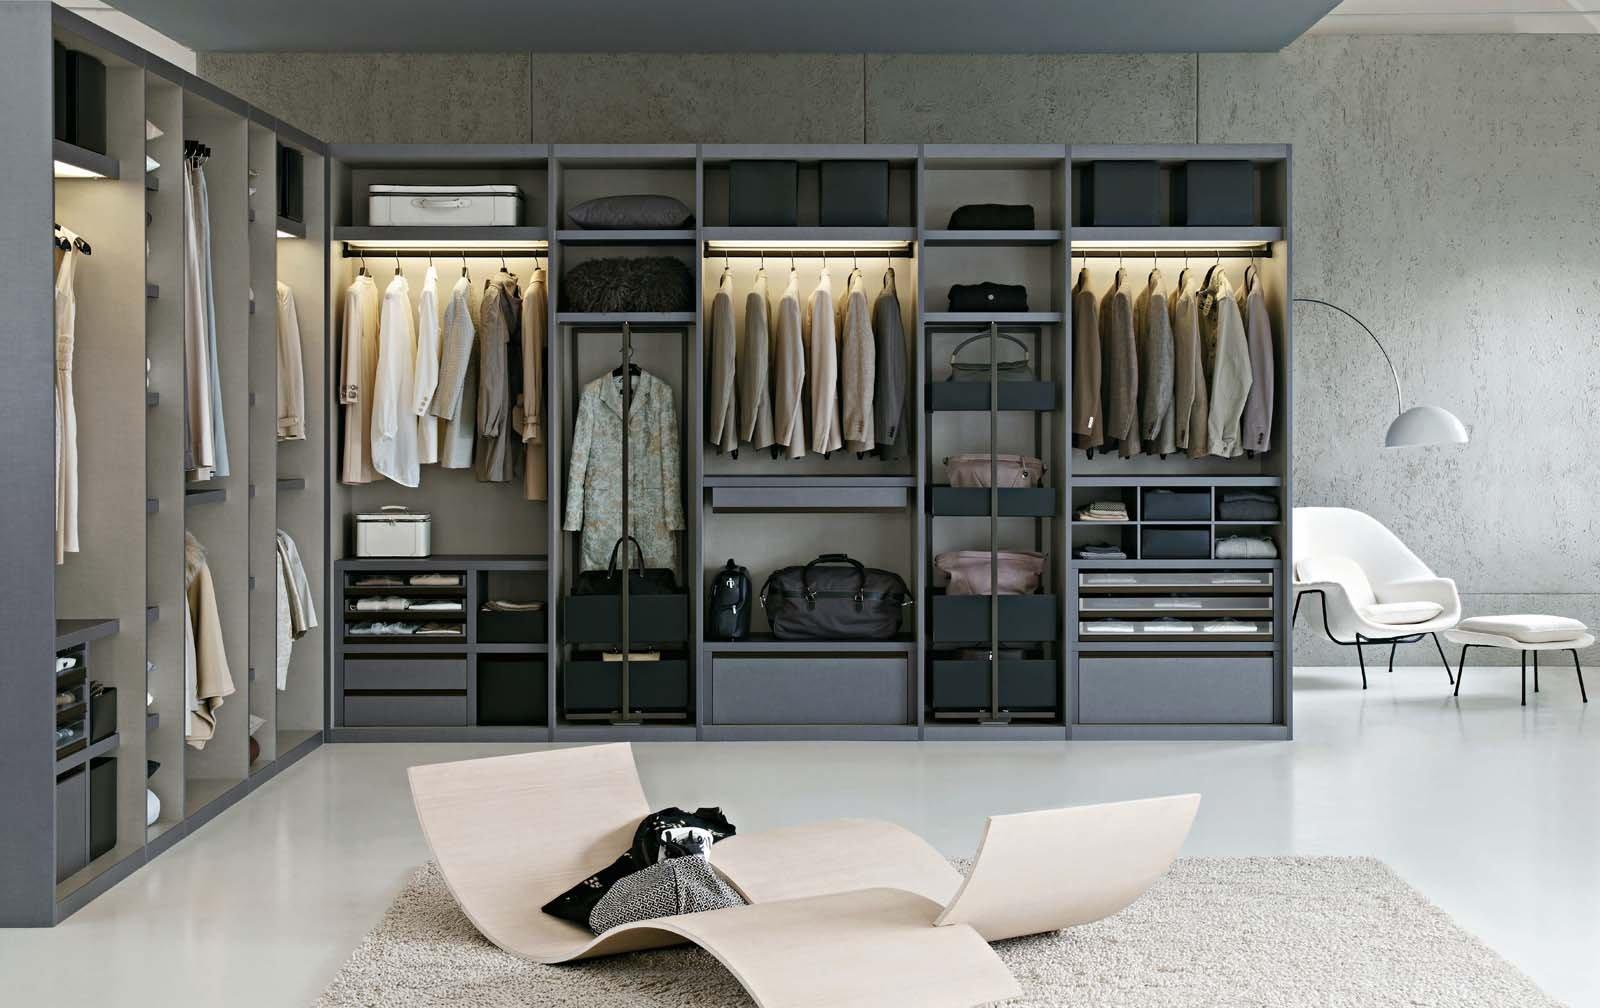 Cabine armadio soluzione trendy cose di casa - Interni per cabine armadio ...